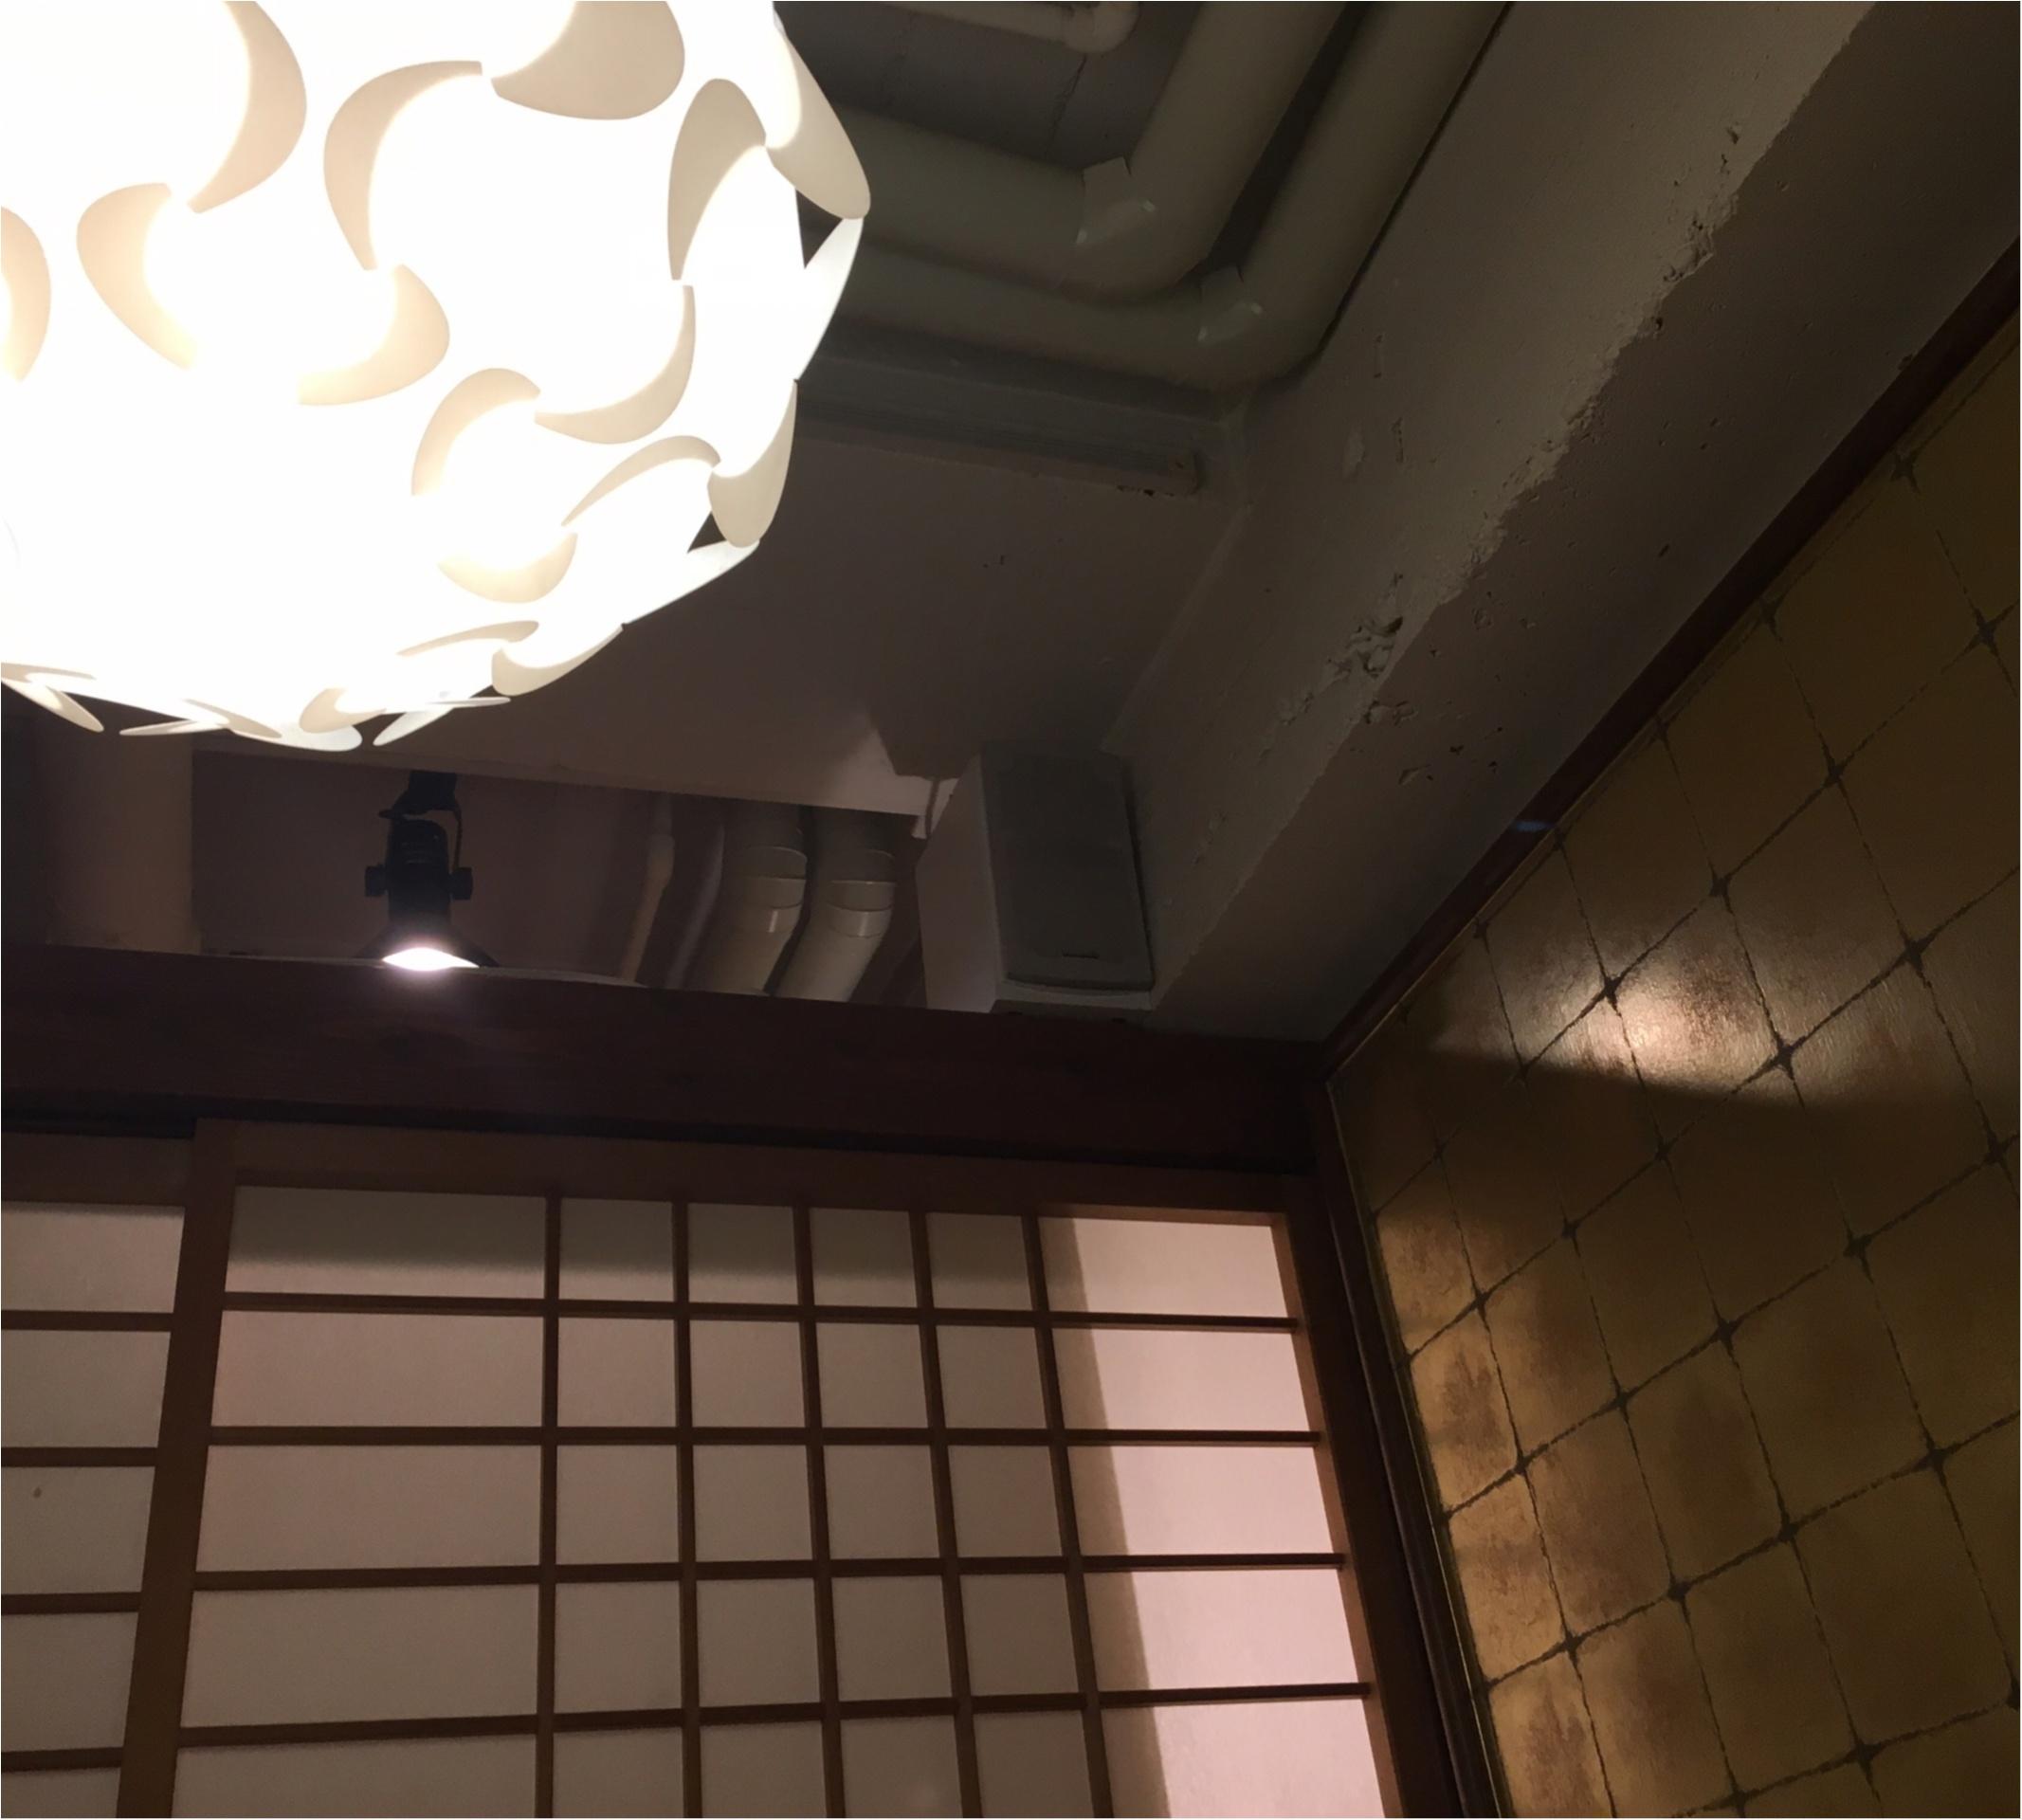 「ロコモコ丼」から「フレンチランチ」「黒カレー」まで! 熊本市内で私がオススメしたいランチまとめ!!!【#モアチャレ 熊本の魅力発信!】_9